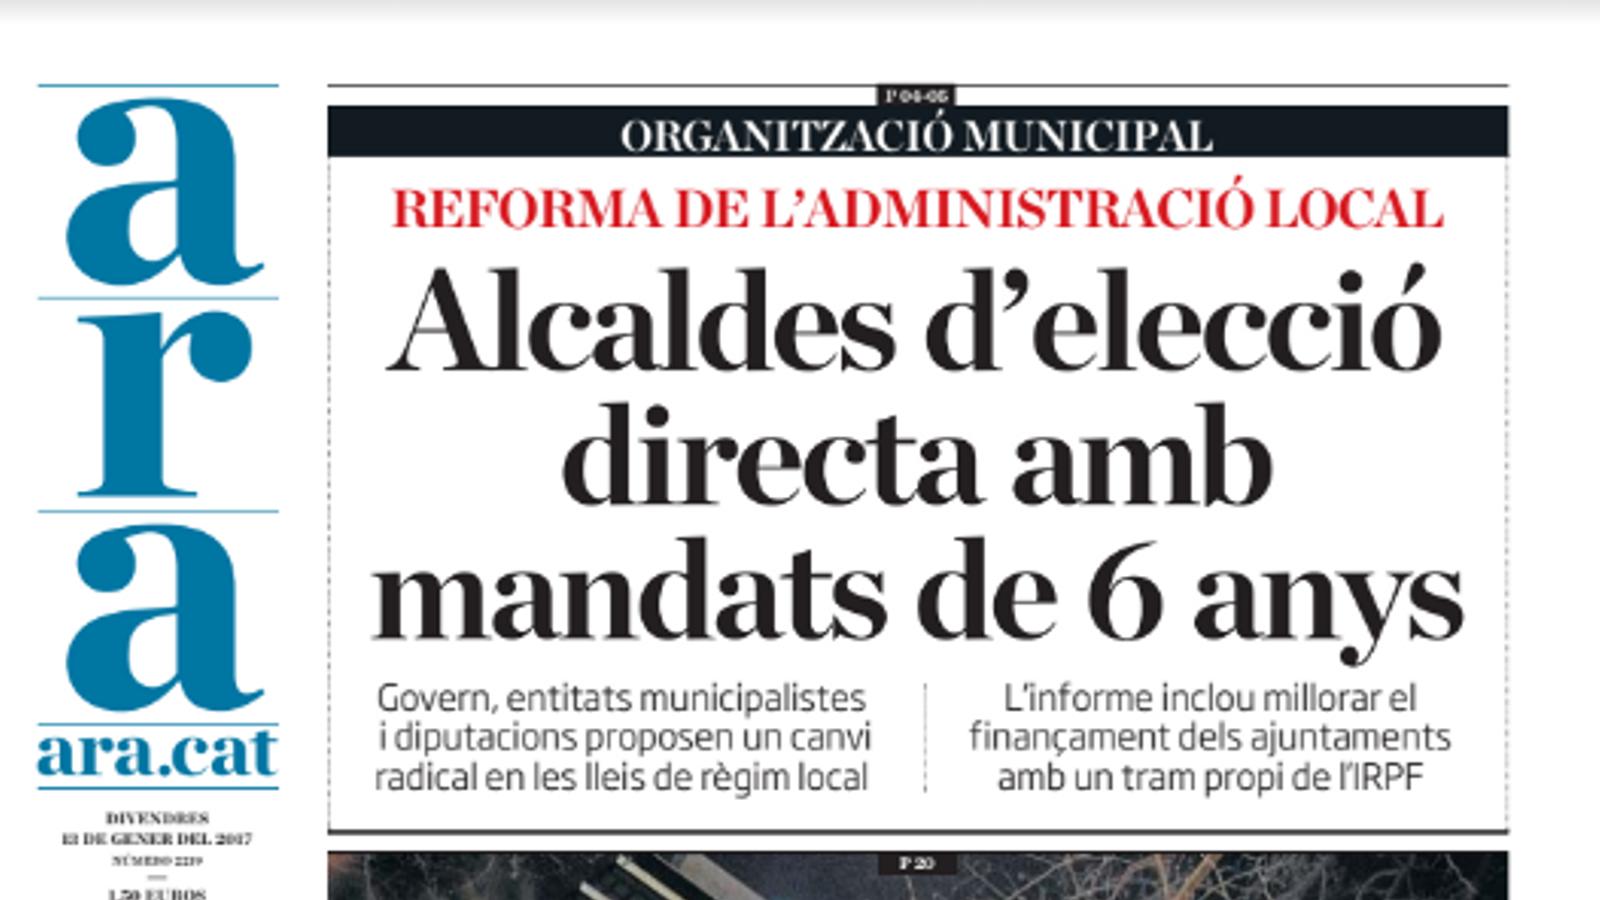 """""""Alcaldes d'elecció directa amb mandats de 6 anys"""", portada de l'ARA d'aquest divendres"""